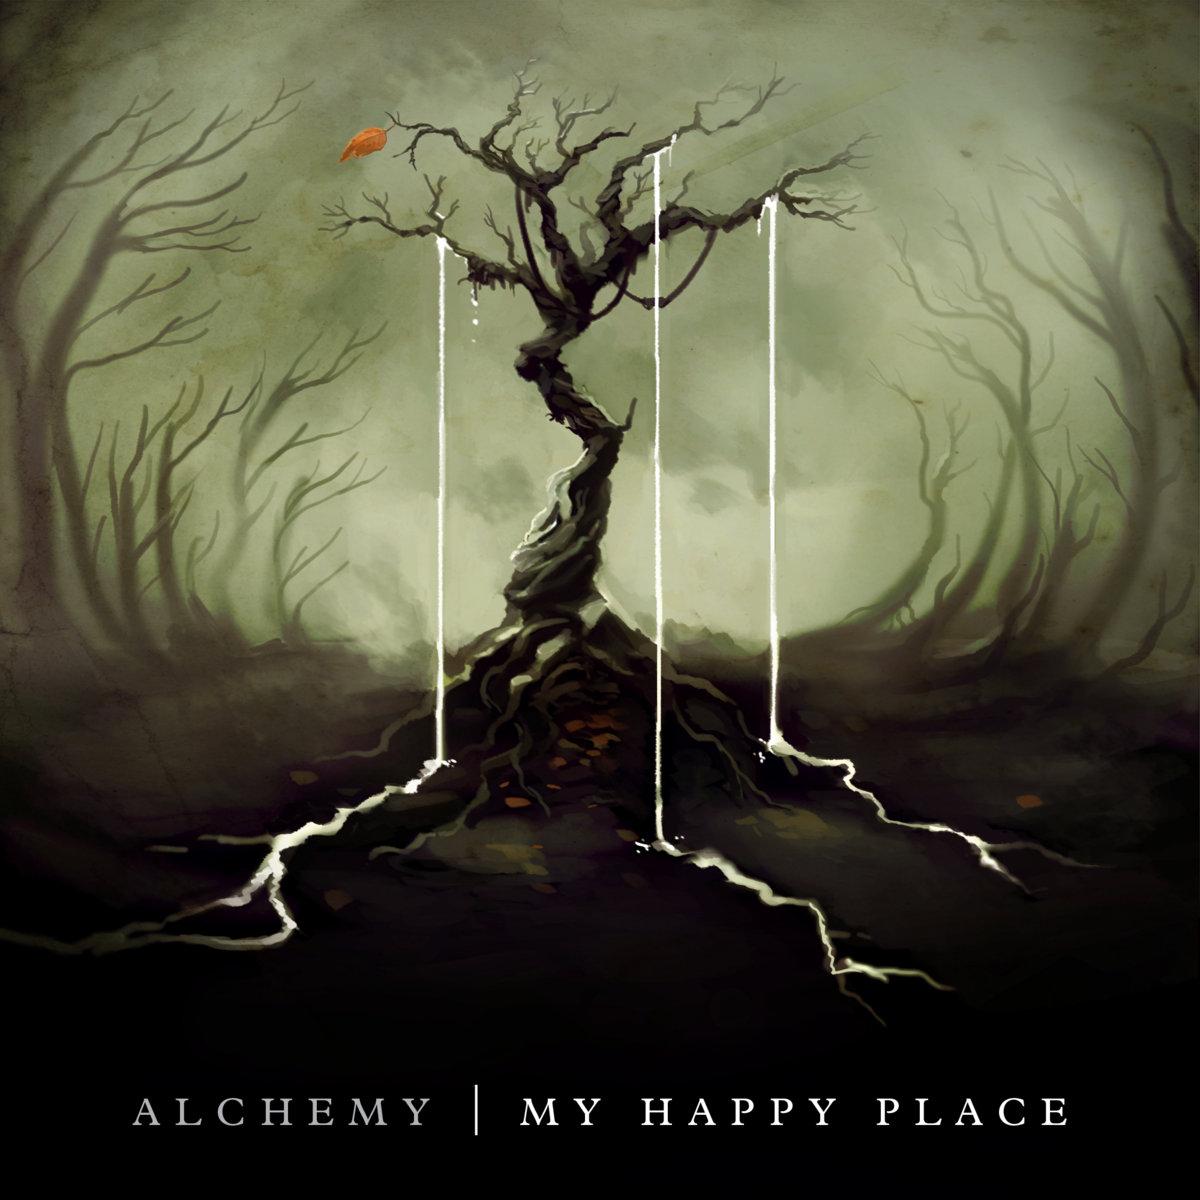 alchemy vst alternative